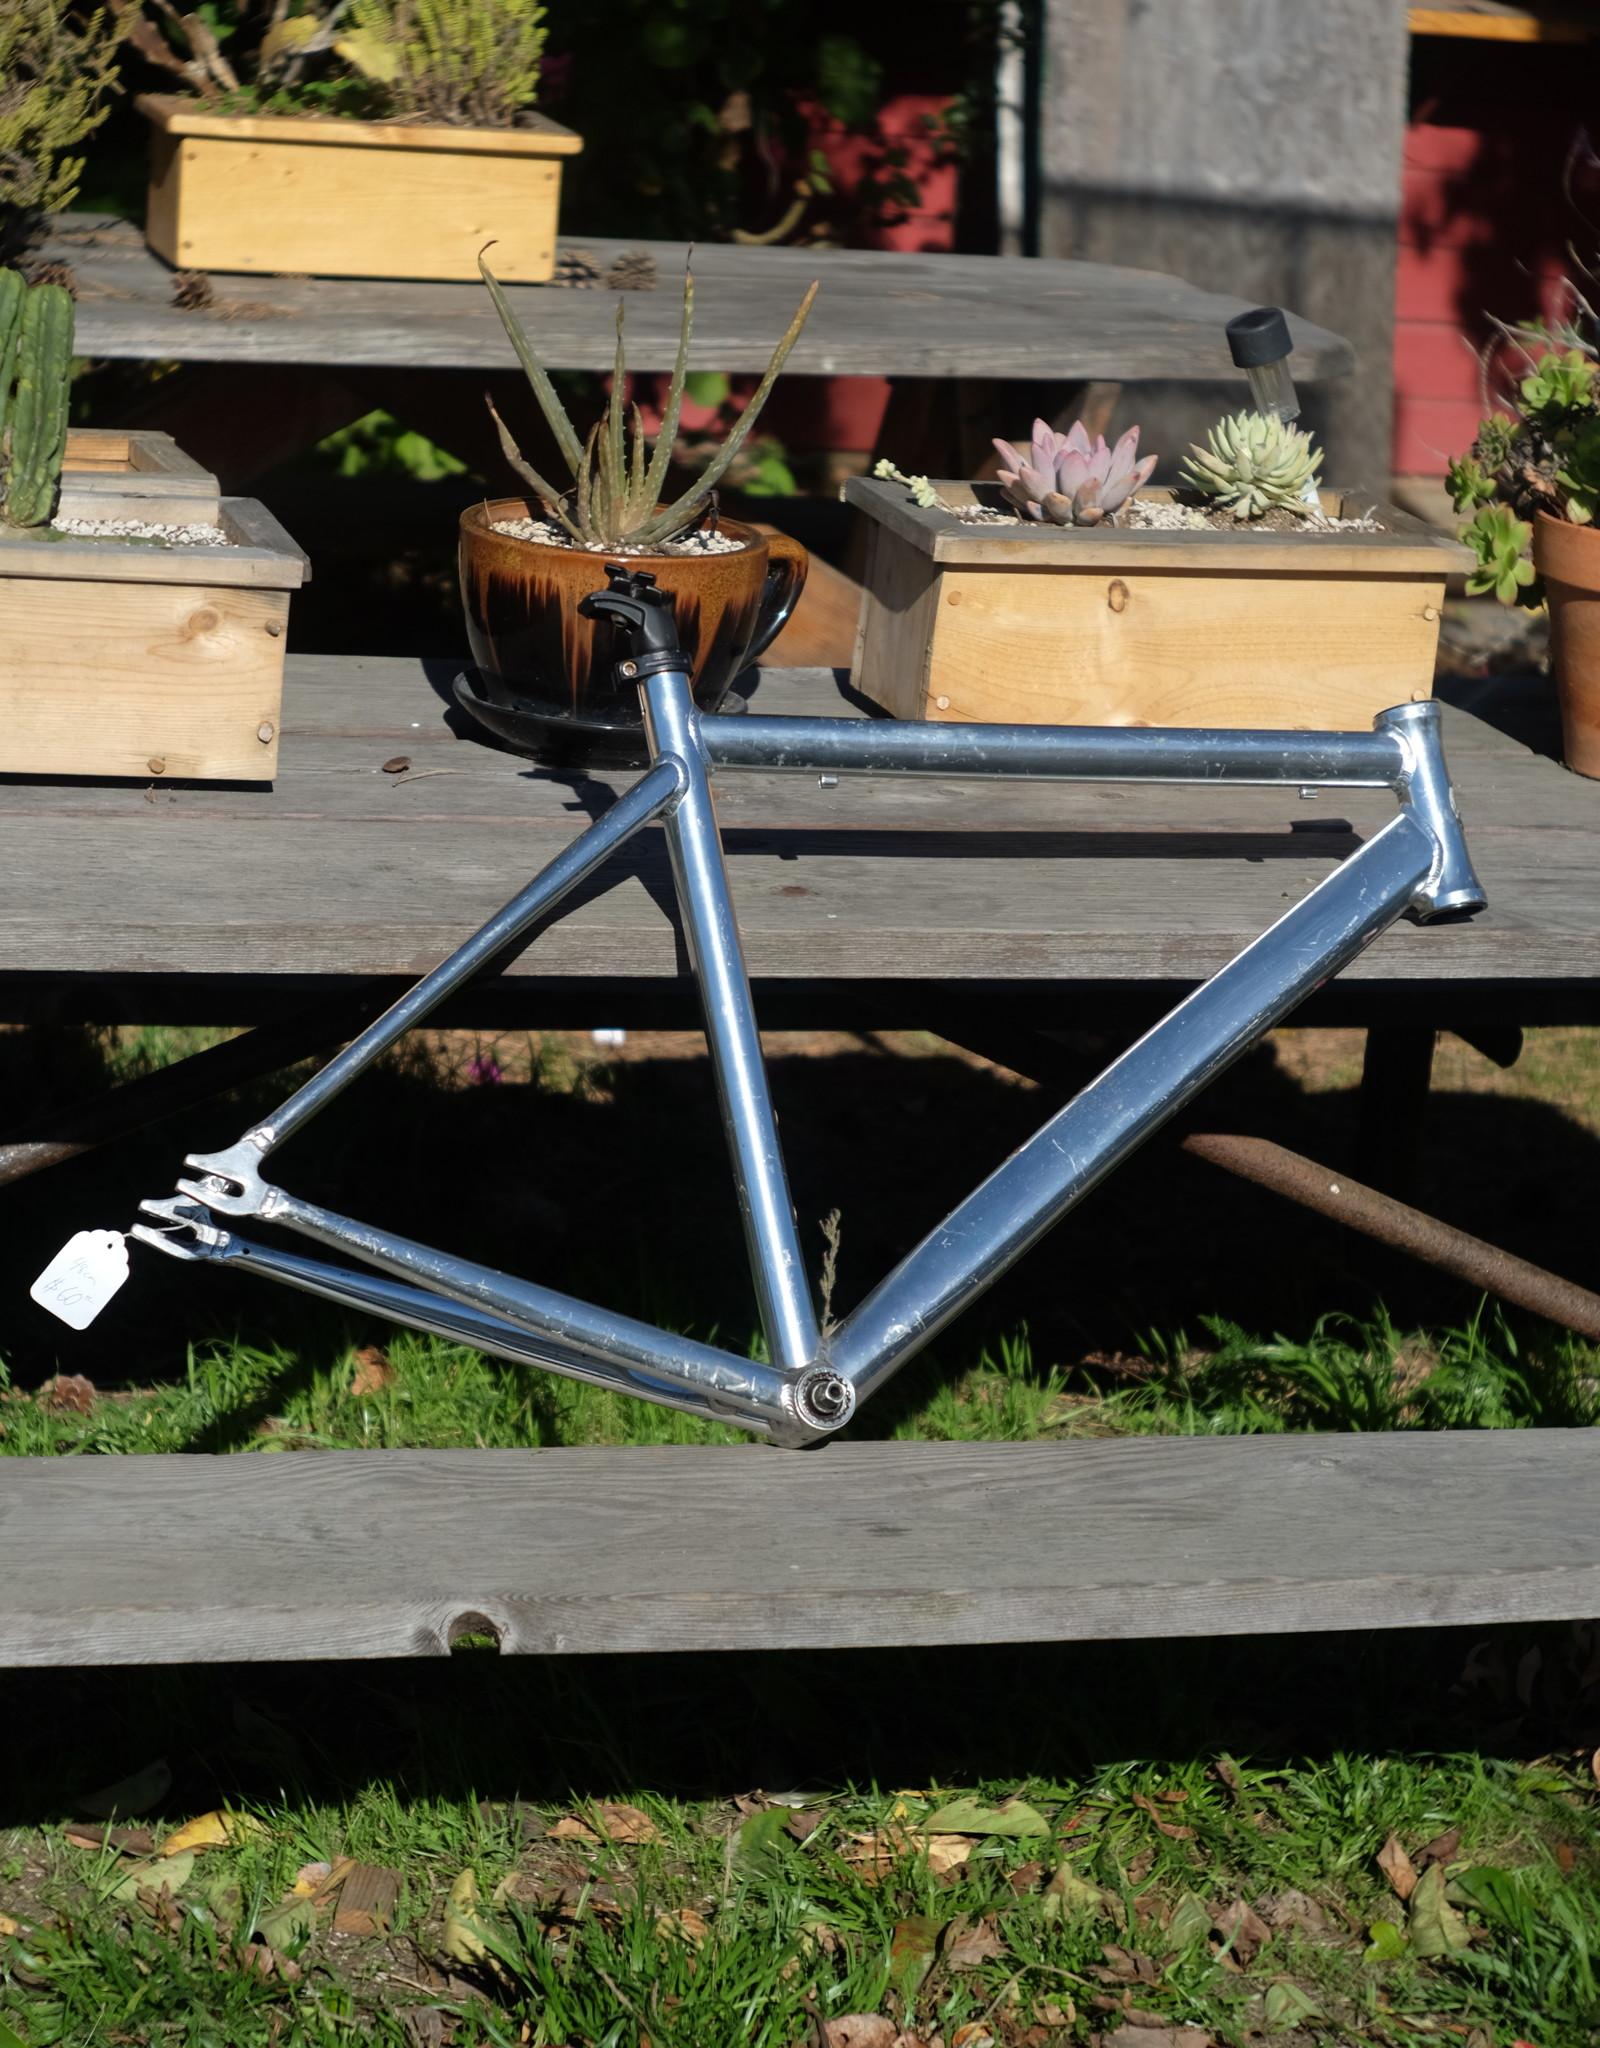 Giant Single Speed Frame - 48cm